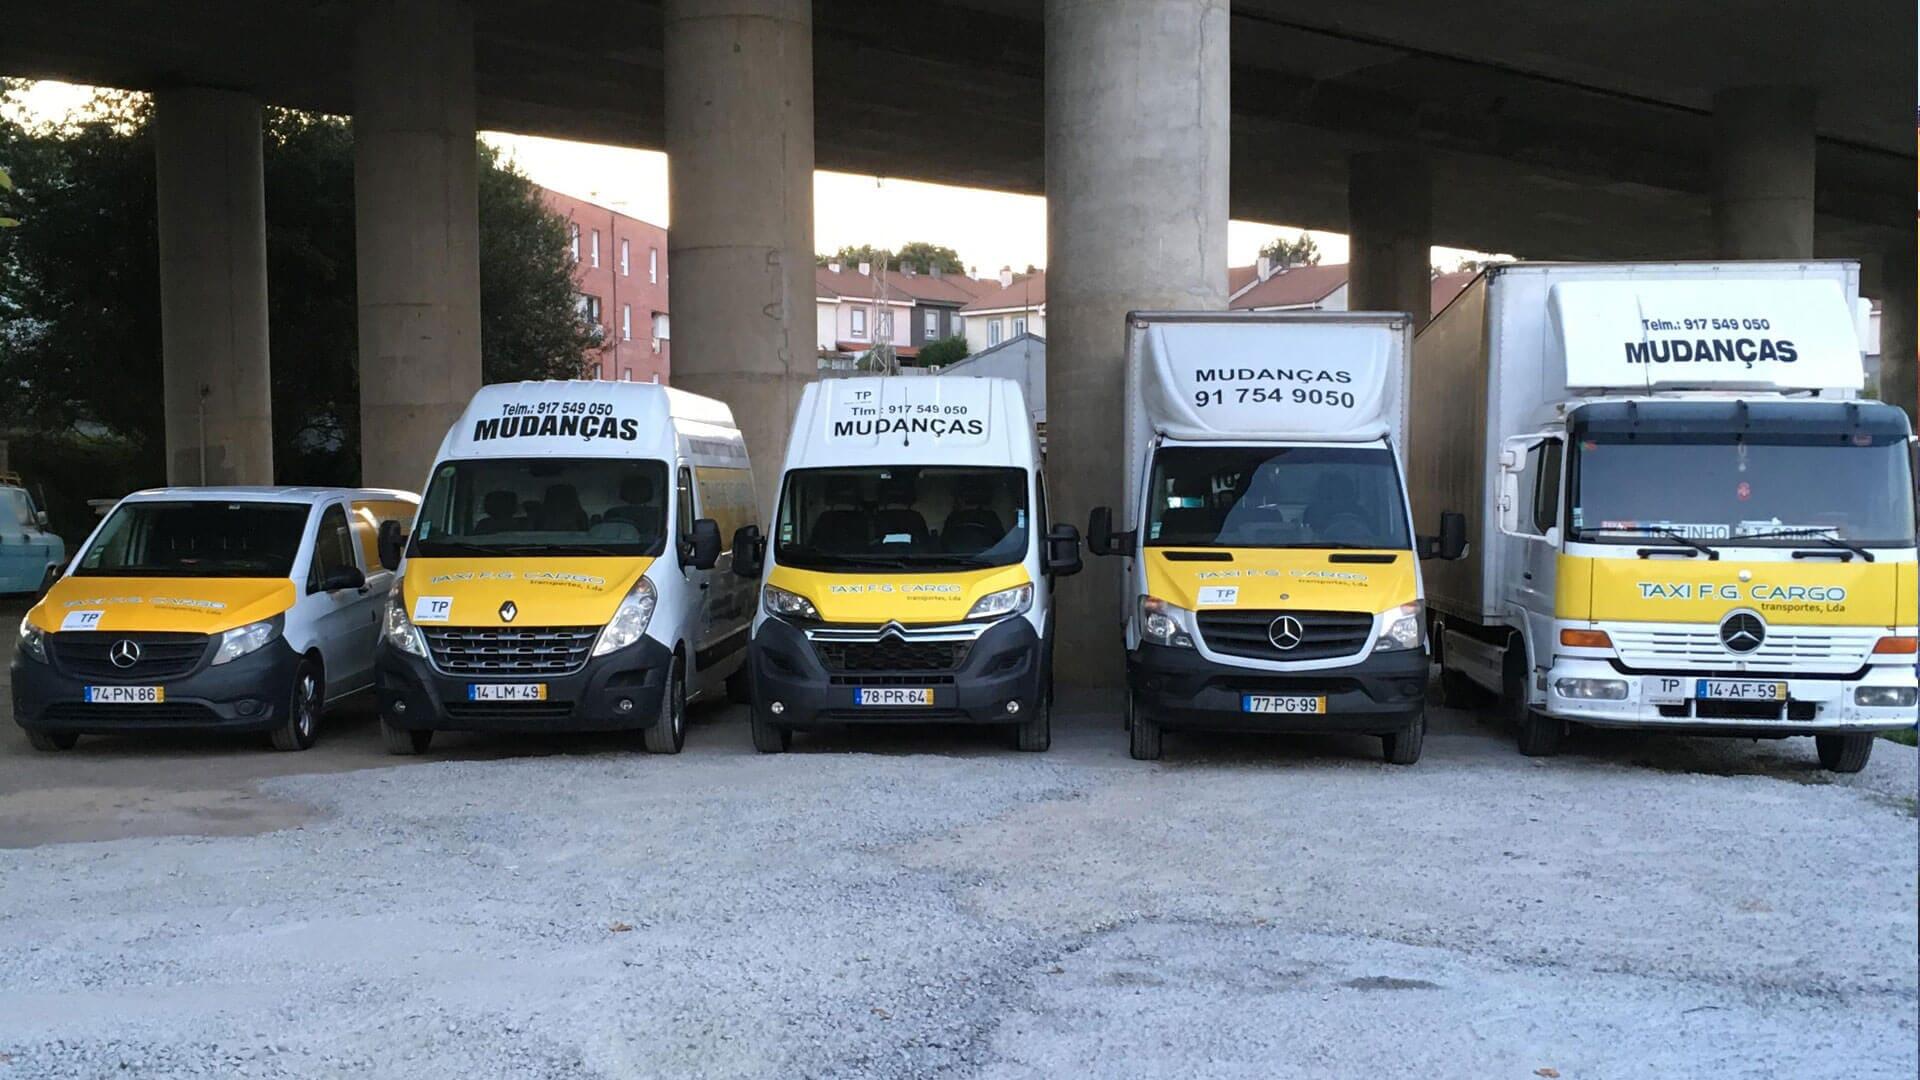 Viaturas Taxi F. G. Cargo